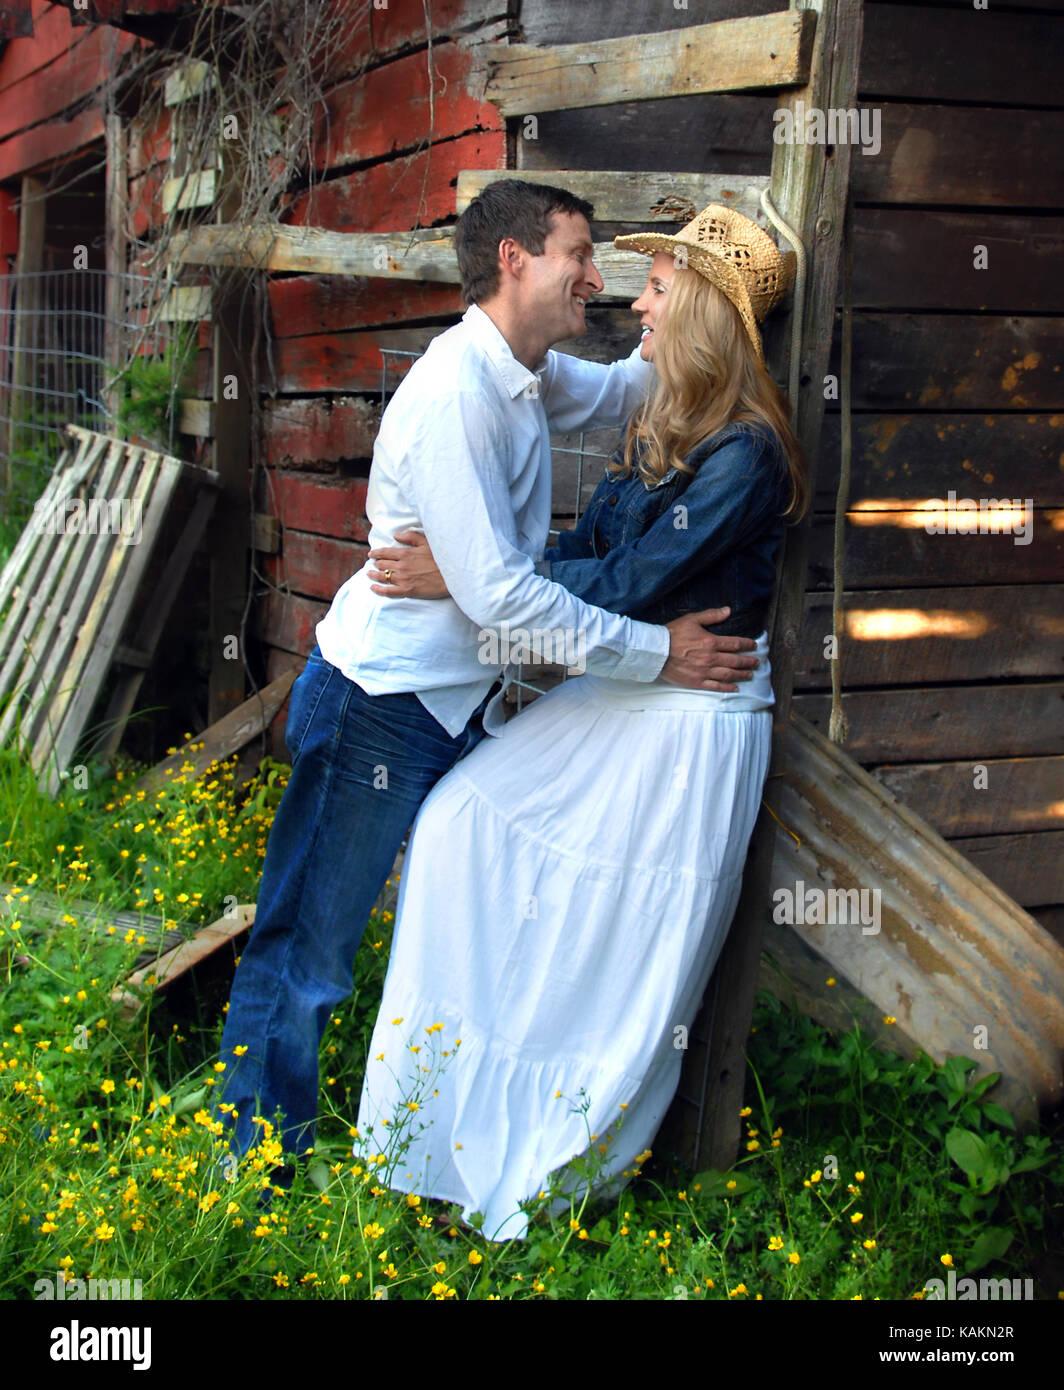 Jeune couple de discuter de leurs plans d'avenir qu'ils jouissent d'un moment romantique autour d'une grange rustique. Banque D'Images